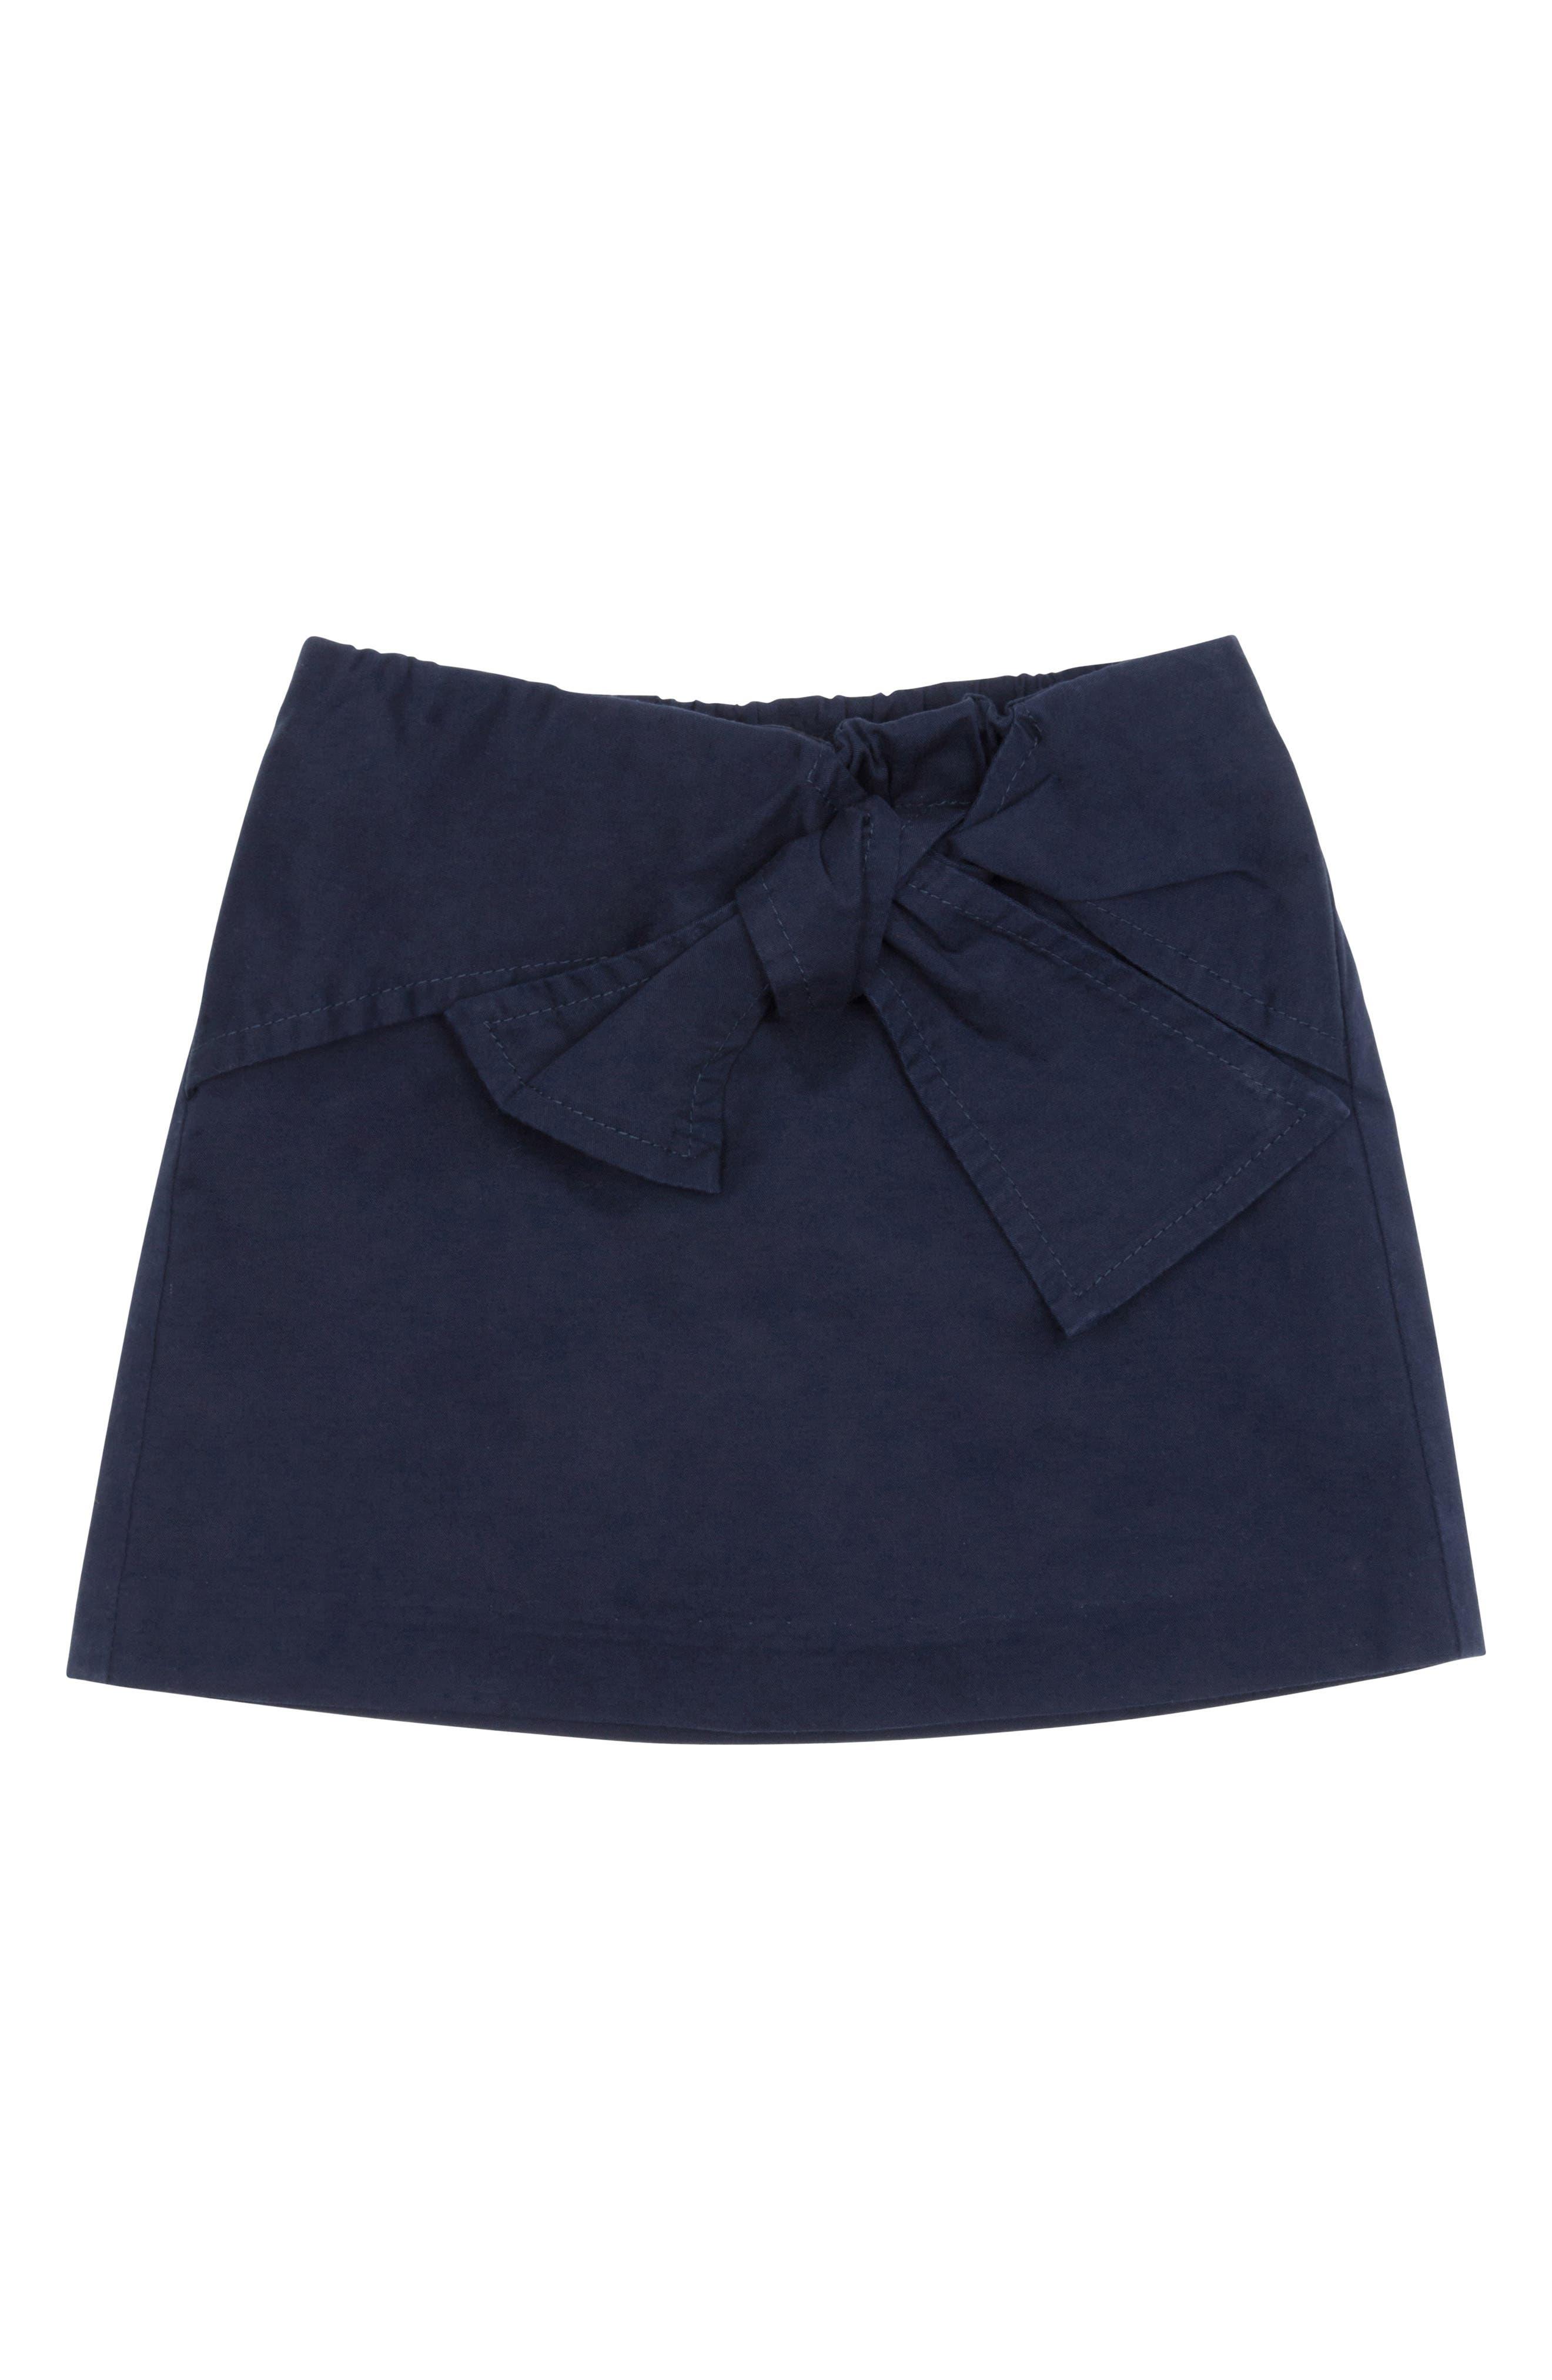 Infant Girls Habitual Kids Tilly Front Bow Skort Size 12M  Blue